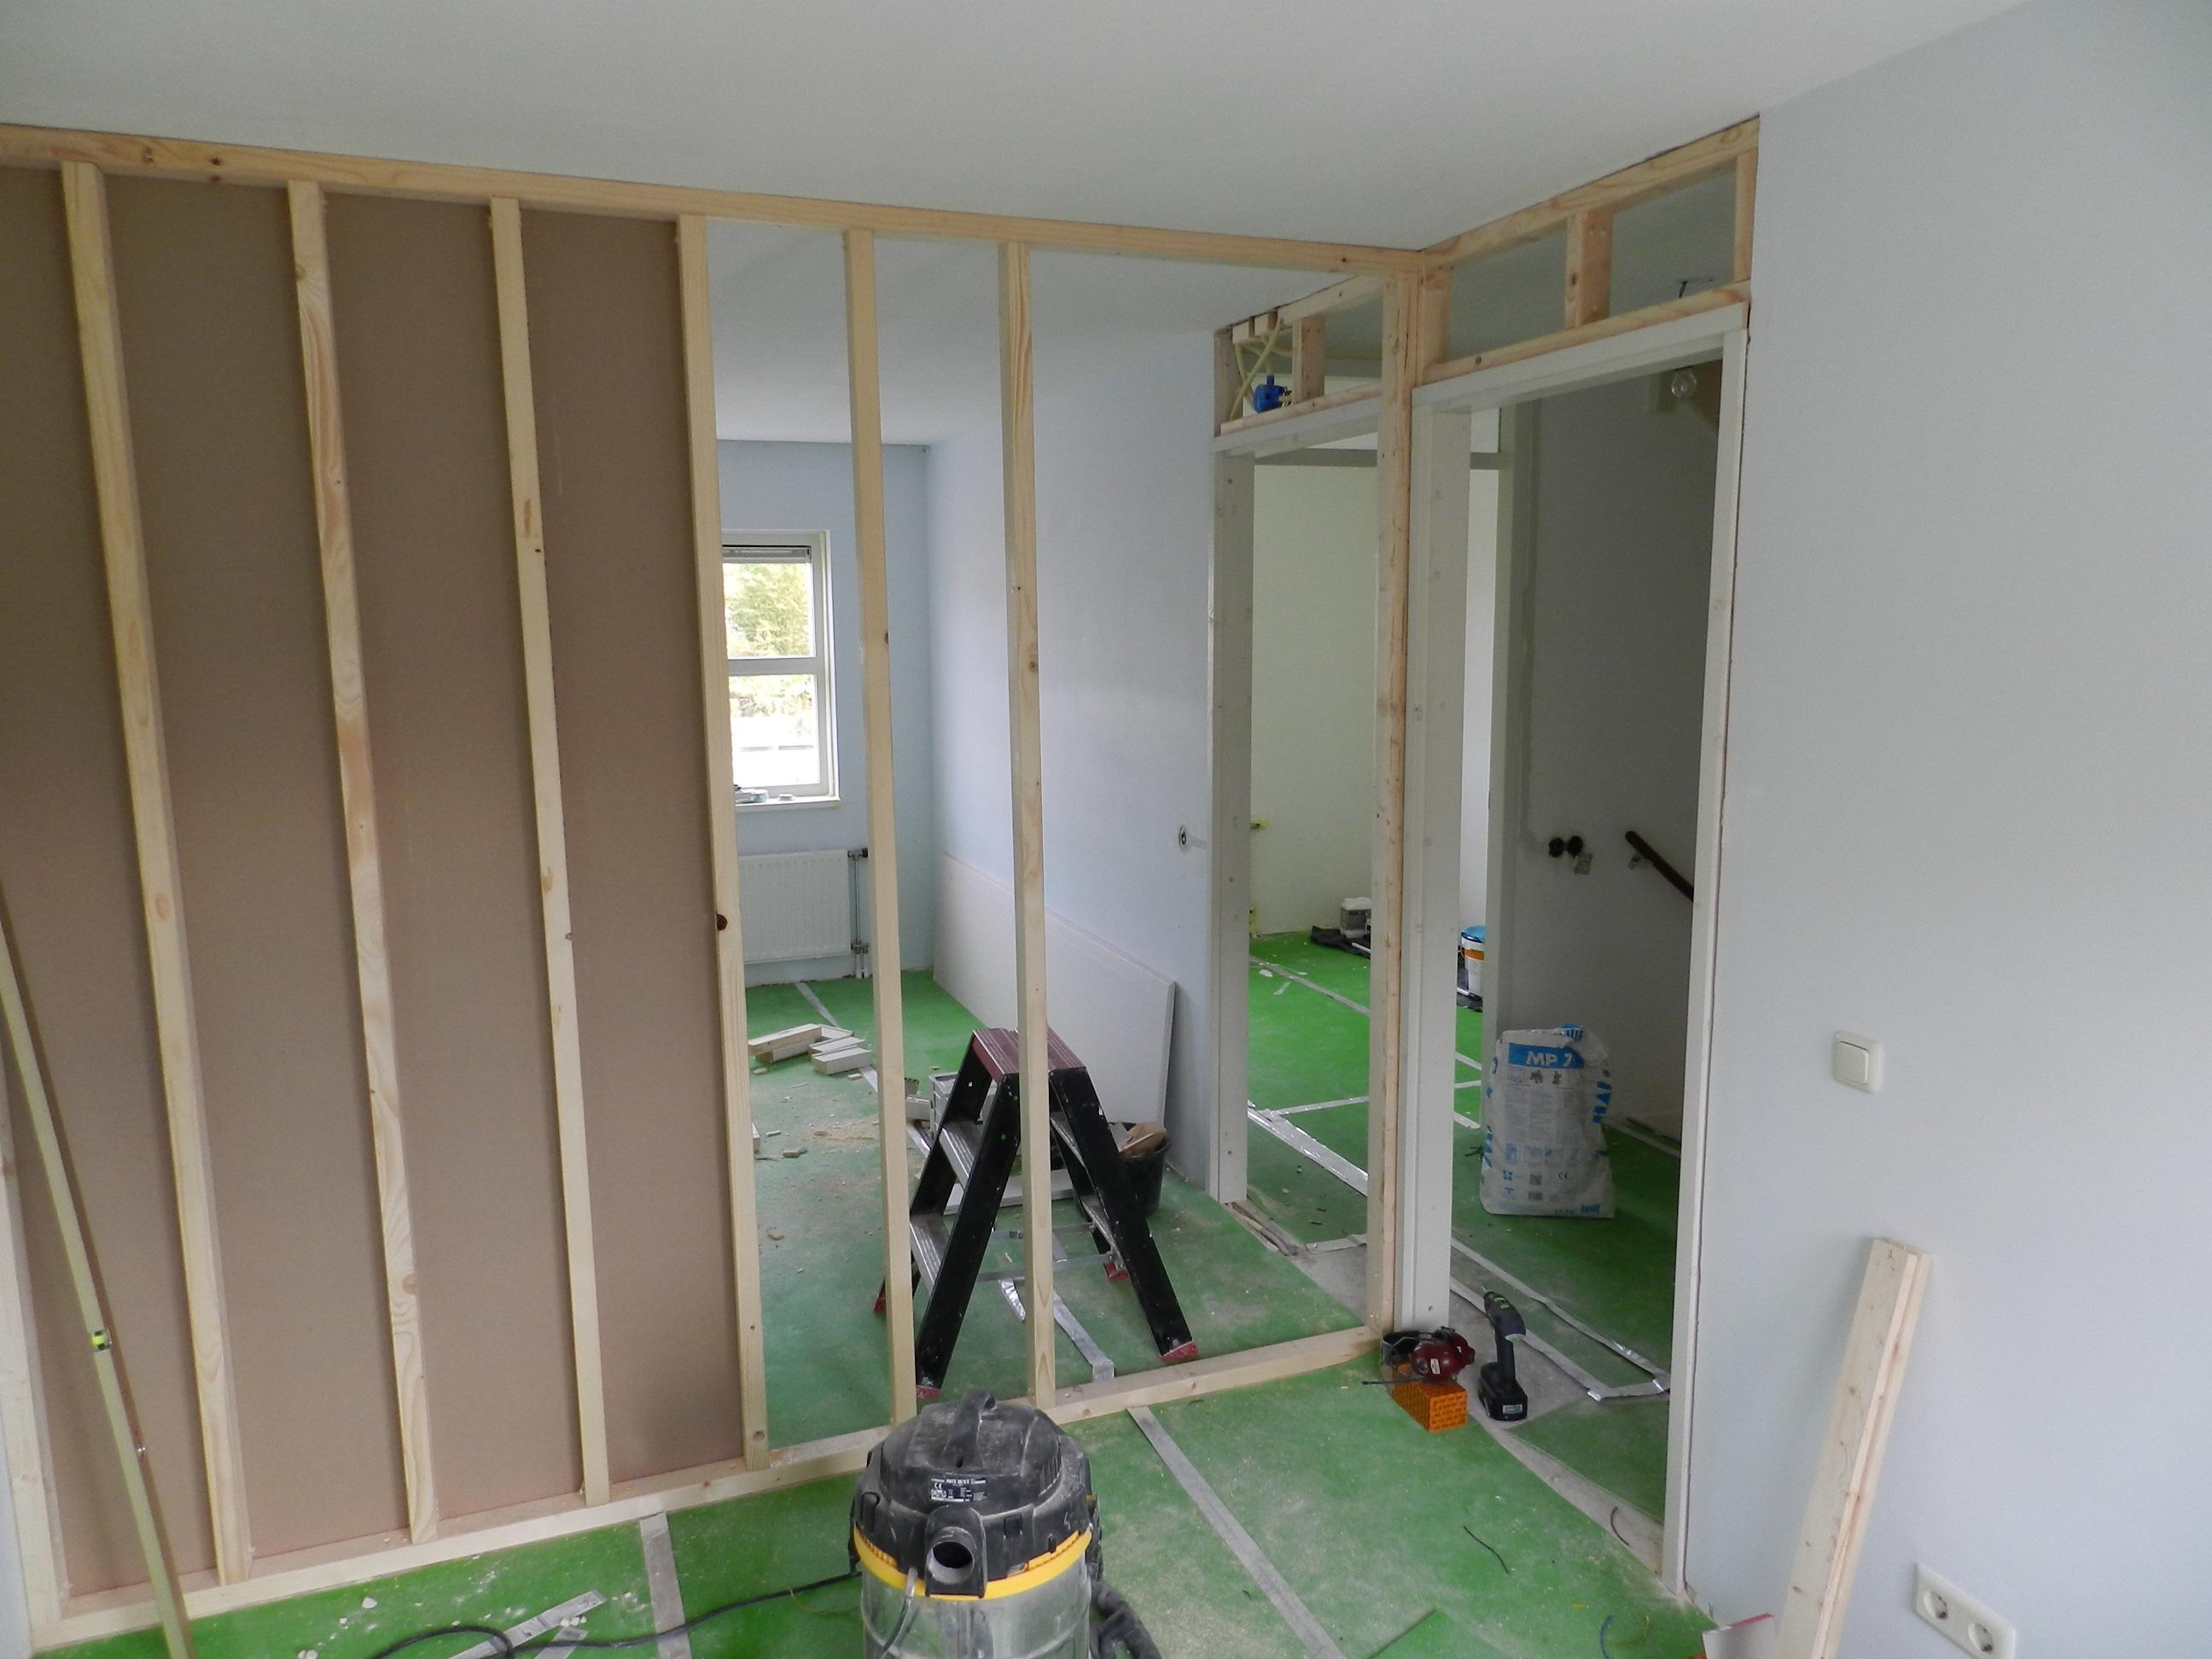 Slaapkamer In Twee Delen : slaapkamer Timmer- en Klusbedrijf Kromhout